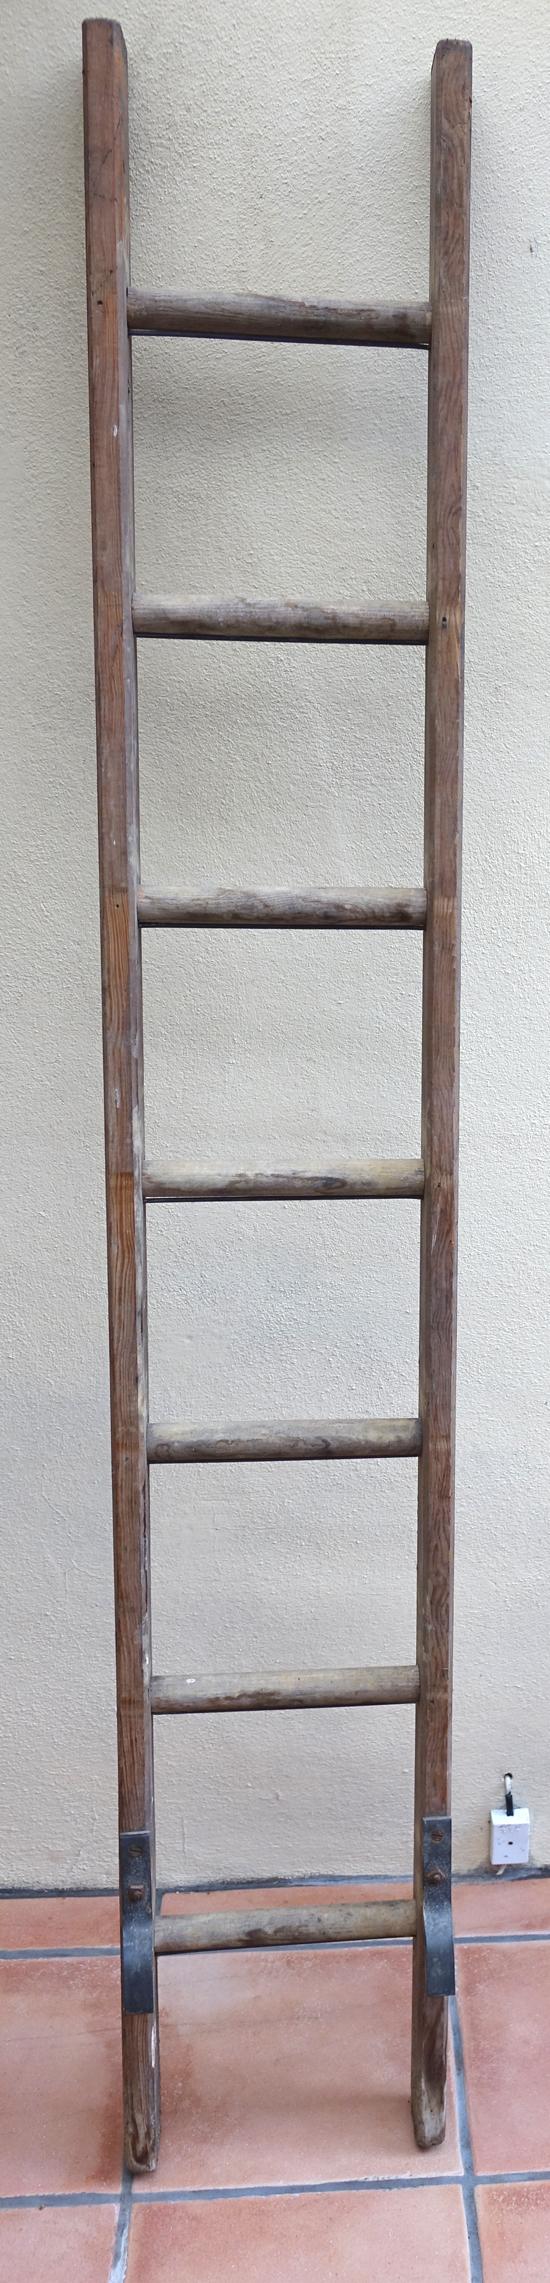 Vintage Ladder £10